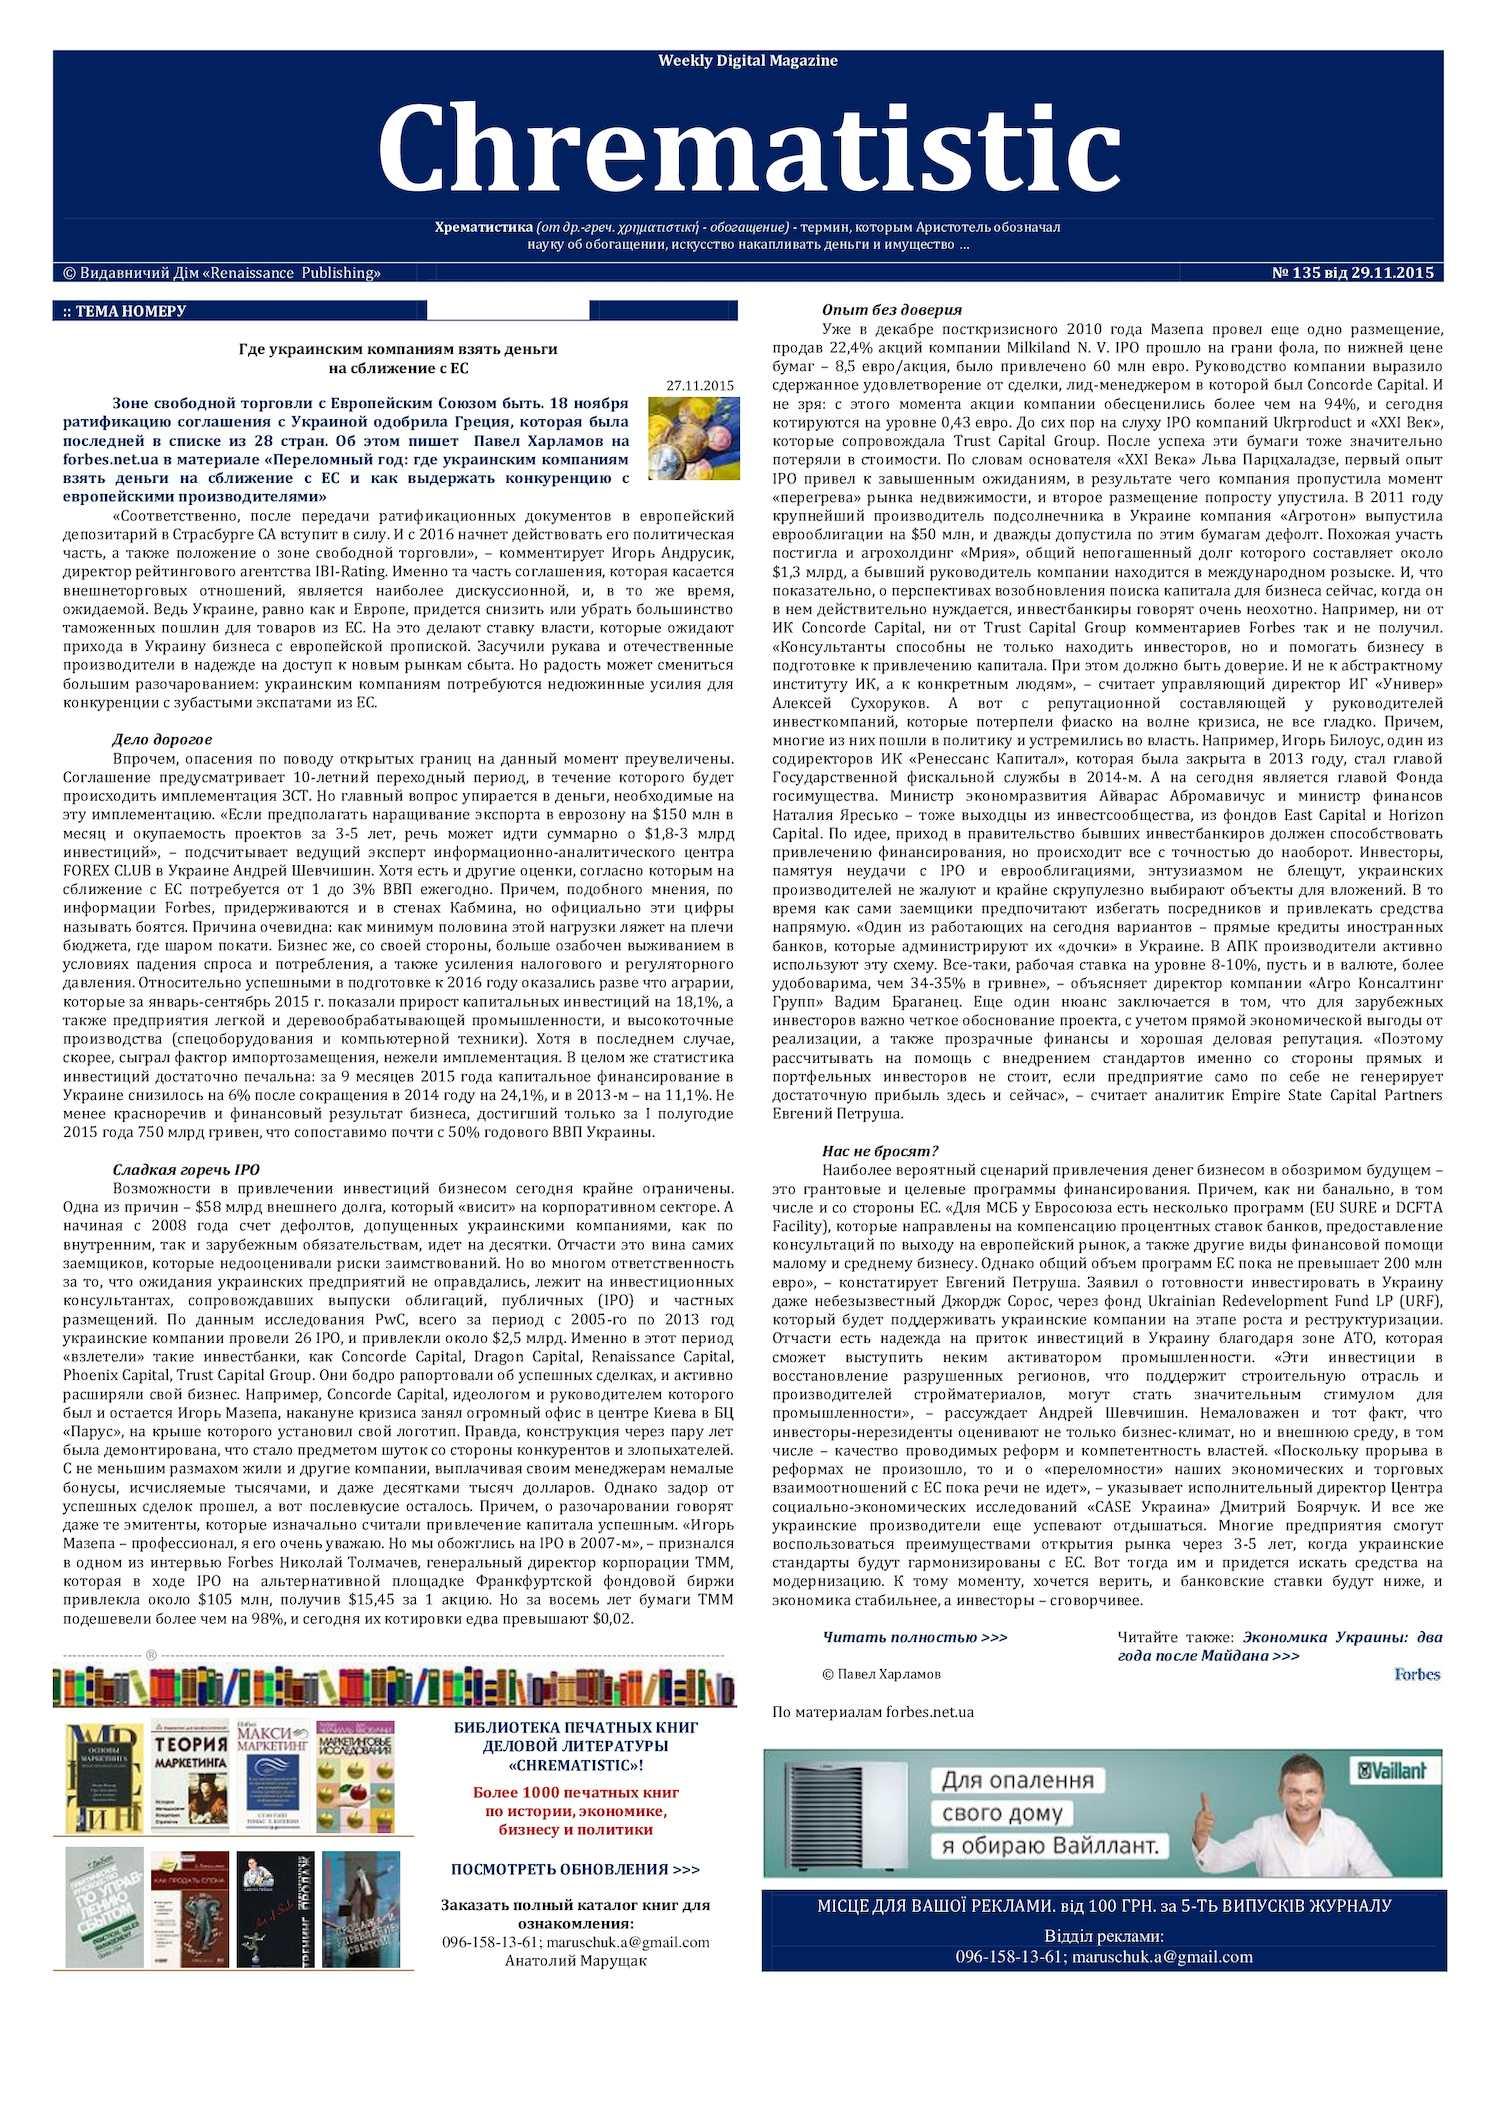 Calaméo - №135 Wdm «Chrematistic» от 29 11 2015 79ad300181976